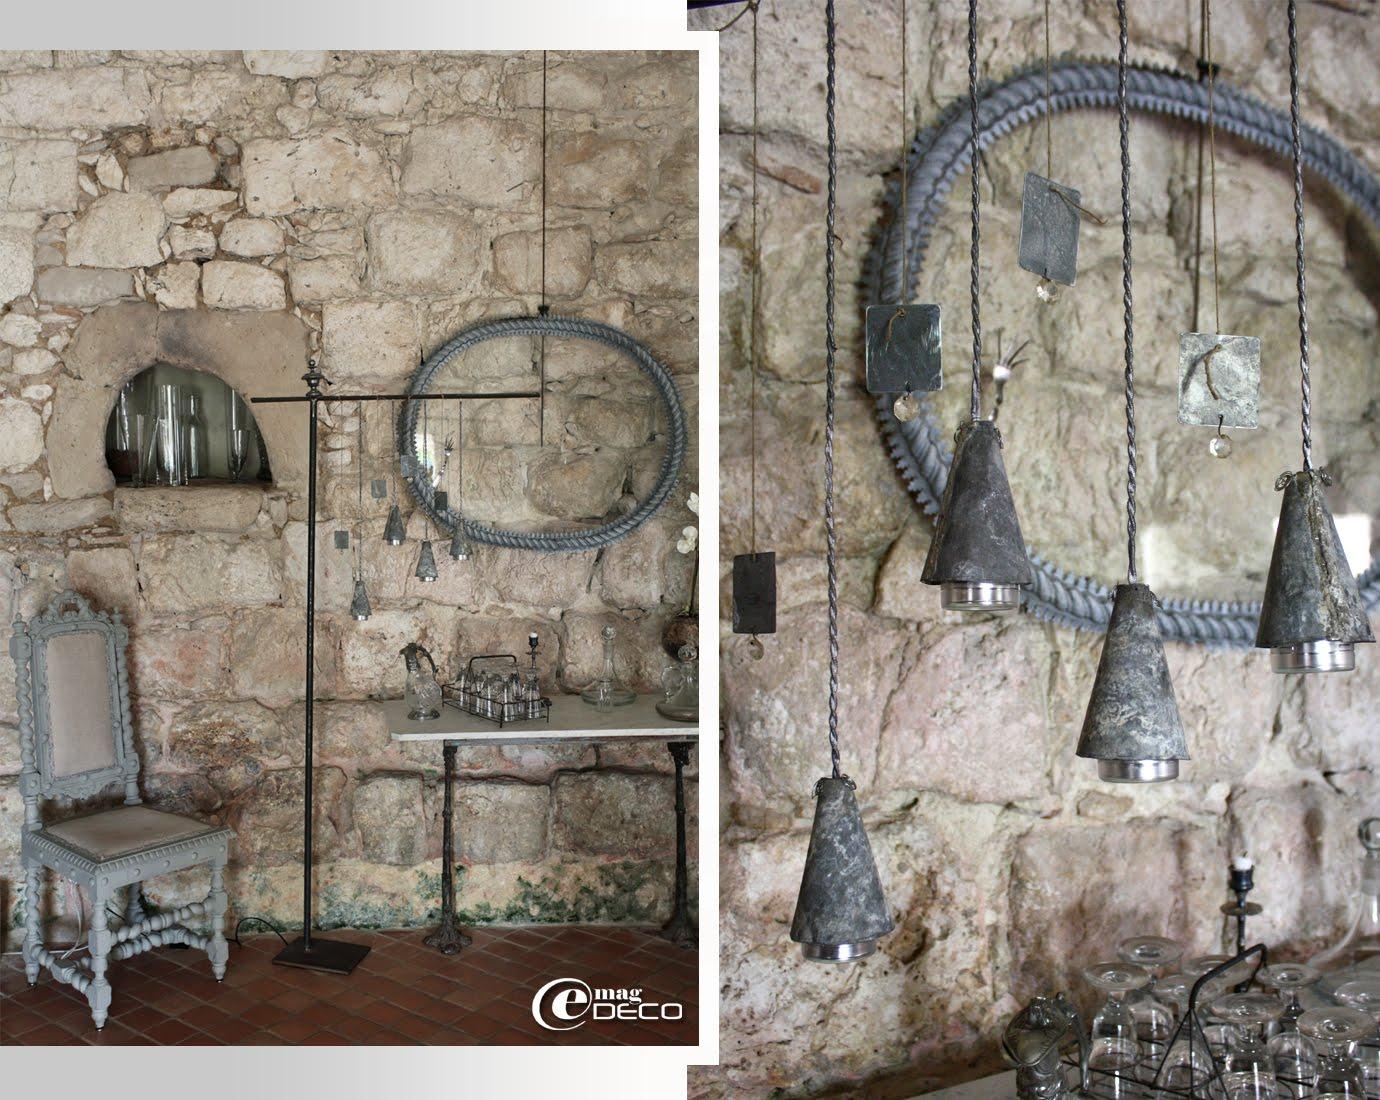 Lampadaire composé de quatre petites cornettes en zinc suspendues à des fils électriques tressés, création Béatrice Loncle et Geneviève Cazottes